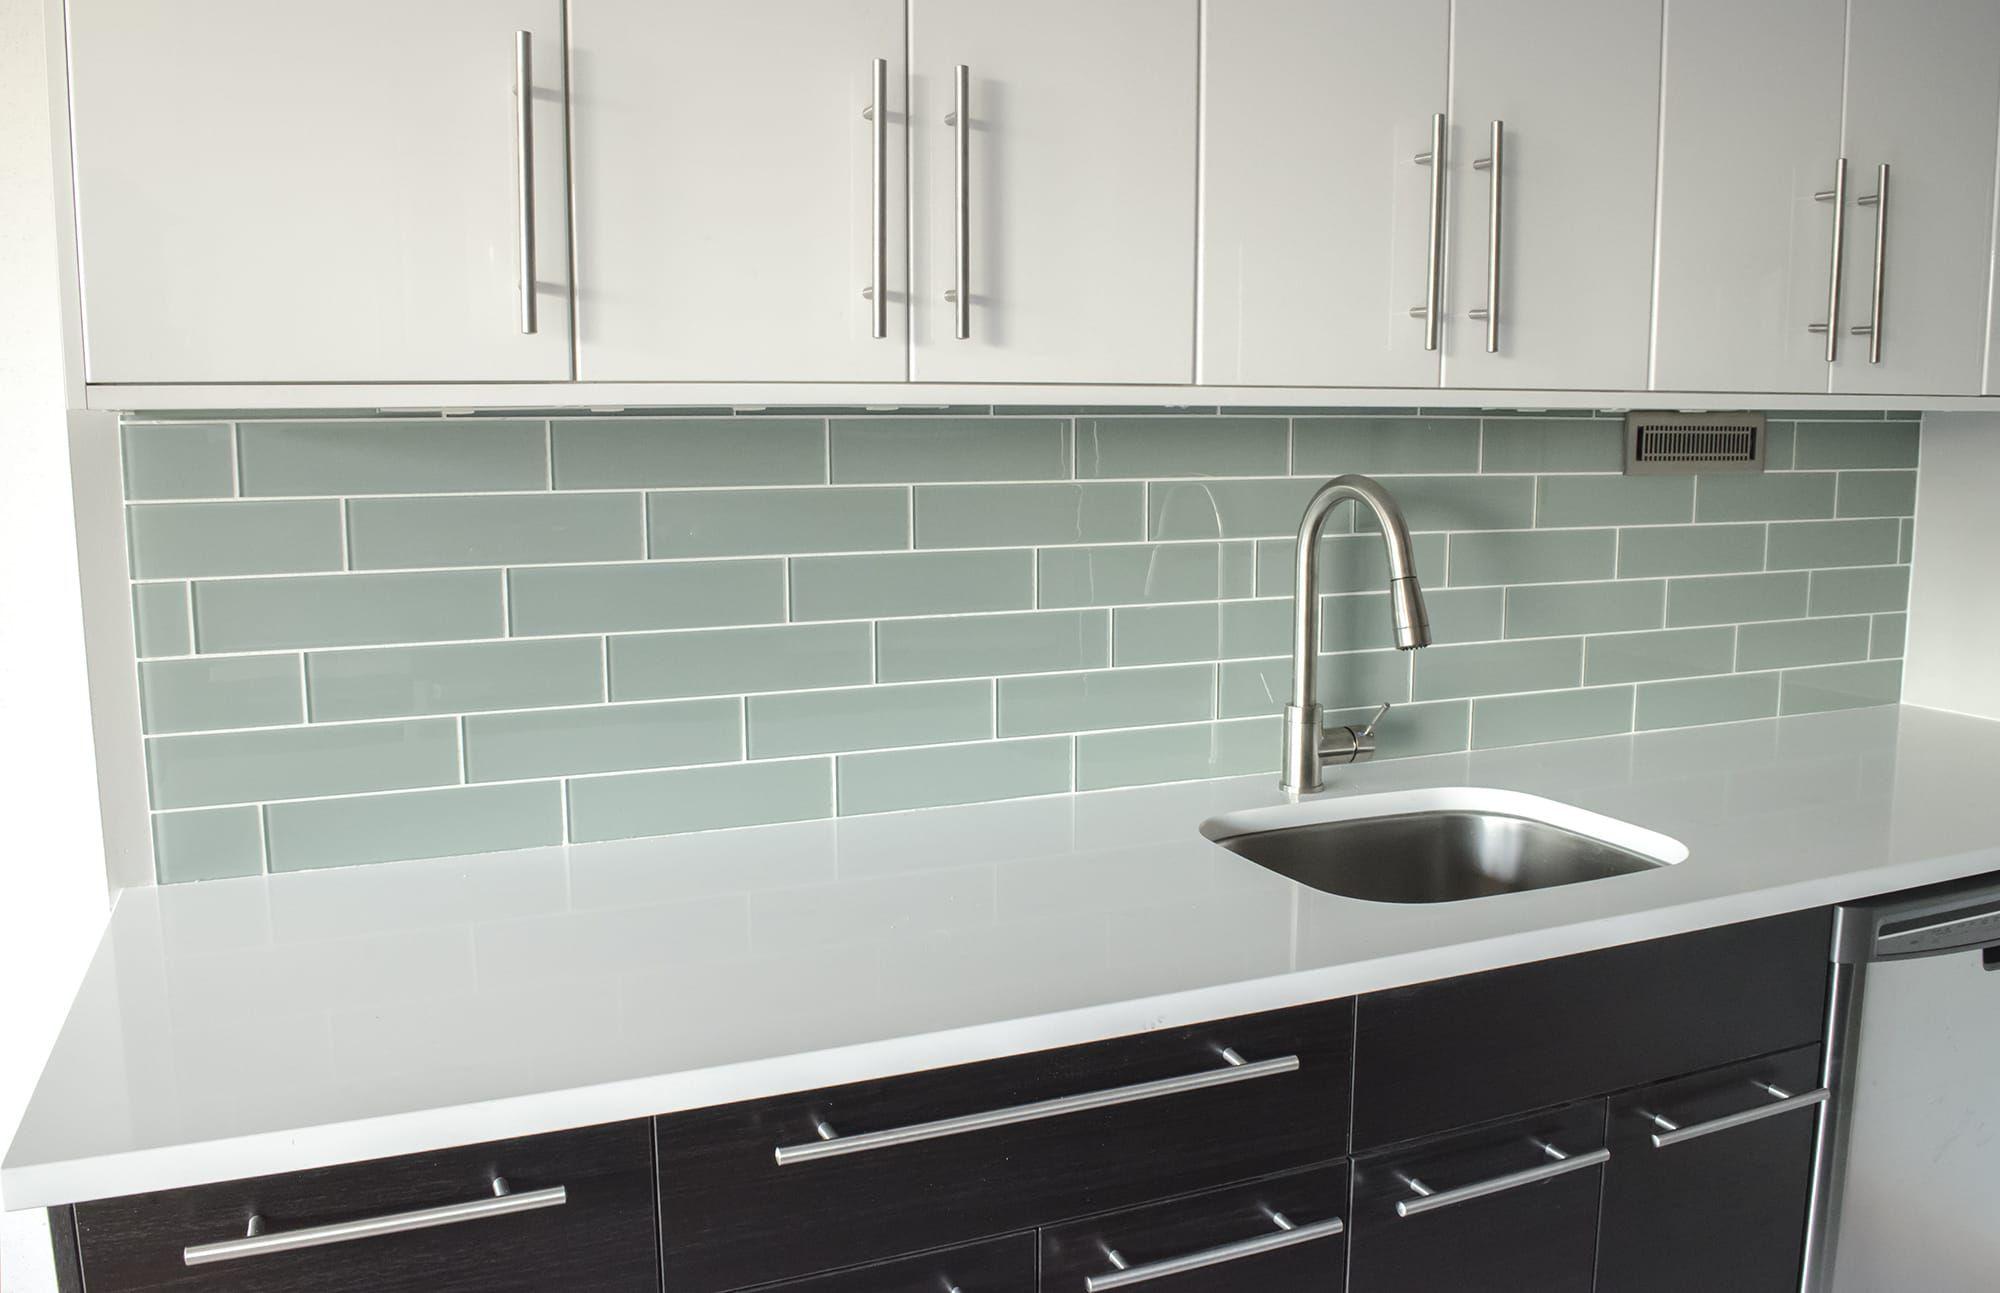 4x12 glass tiles for the backsplash